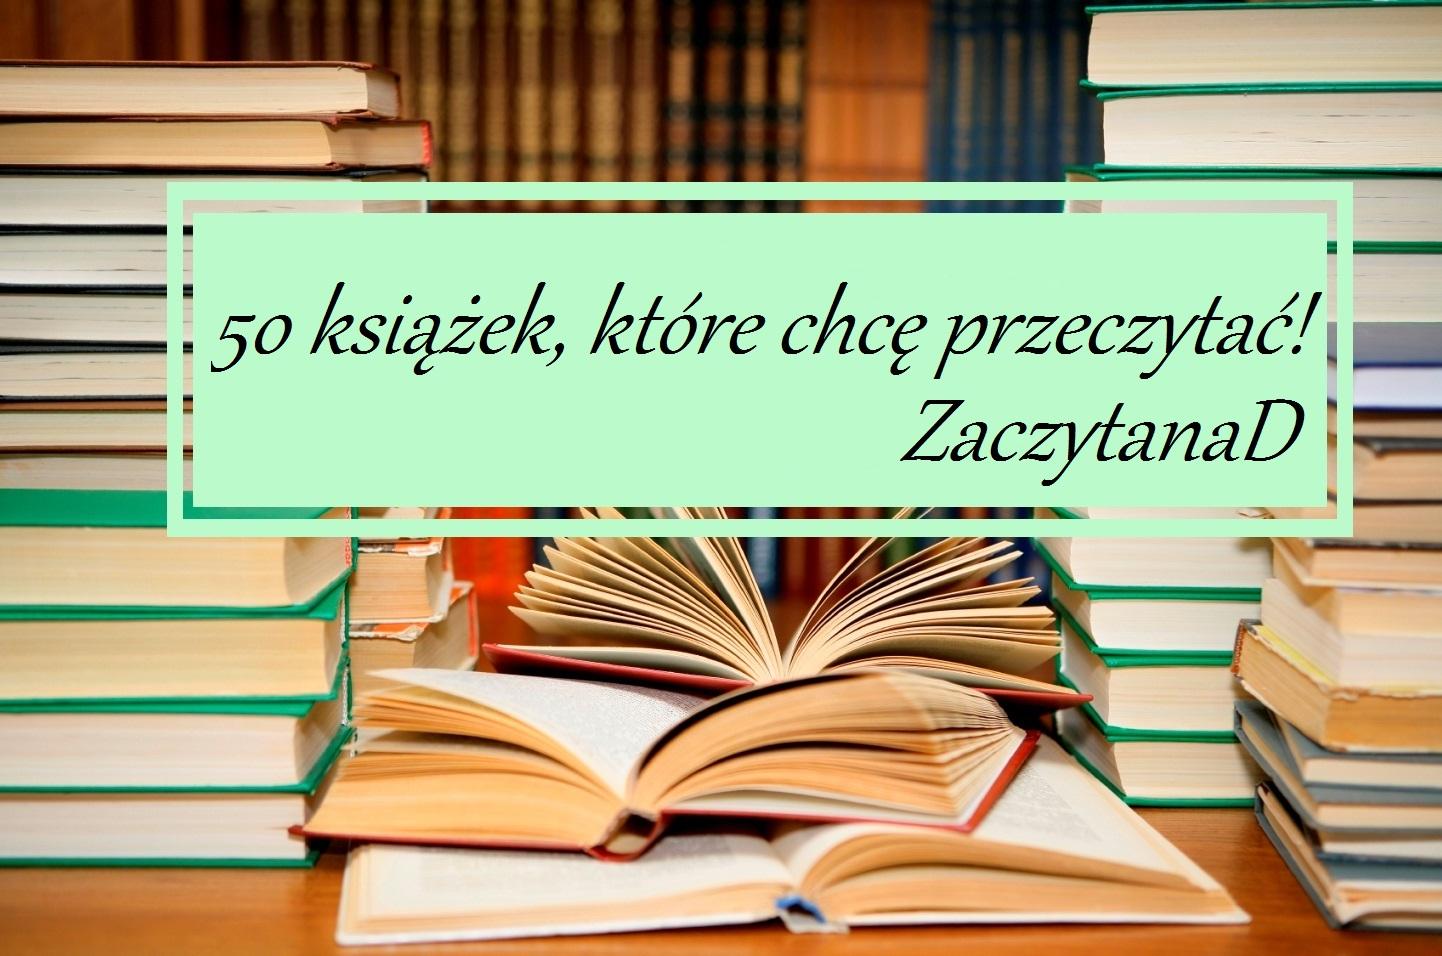 50 książek, które chcę przeczytać!